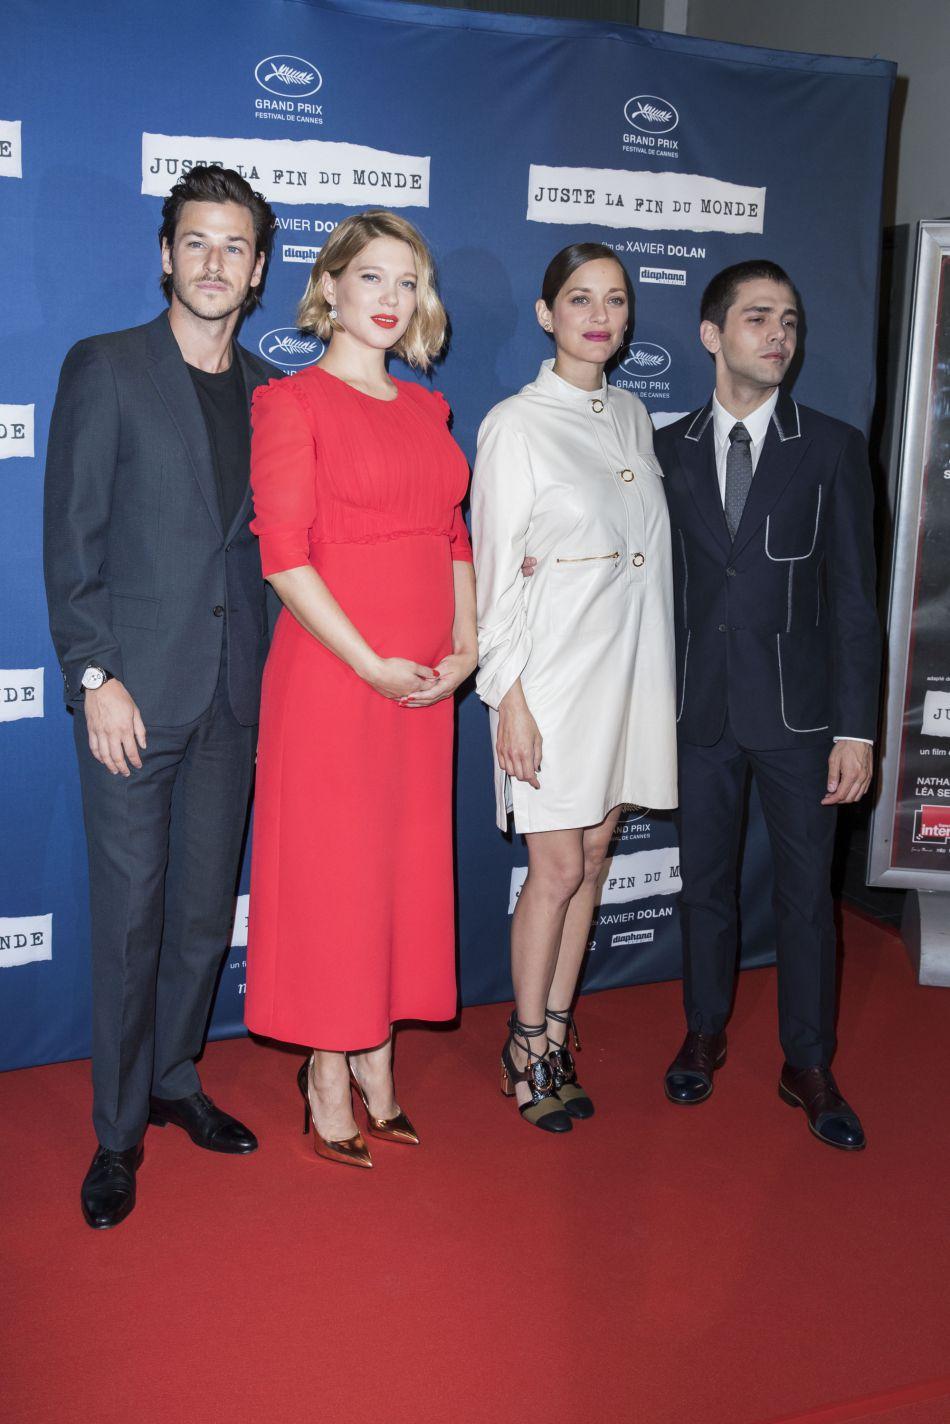 Le dernier film de Xavier Dolan, très attendu a eu droit à une présentation en grande pompe devant le public parisien.